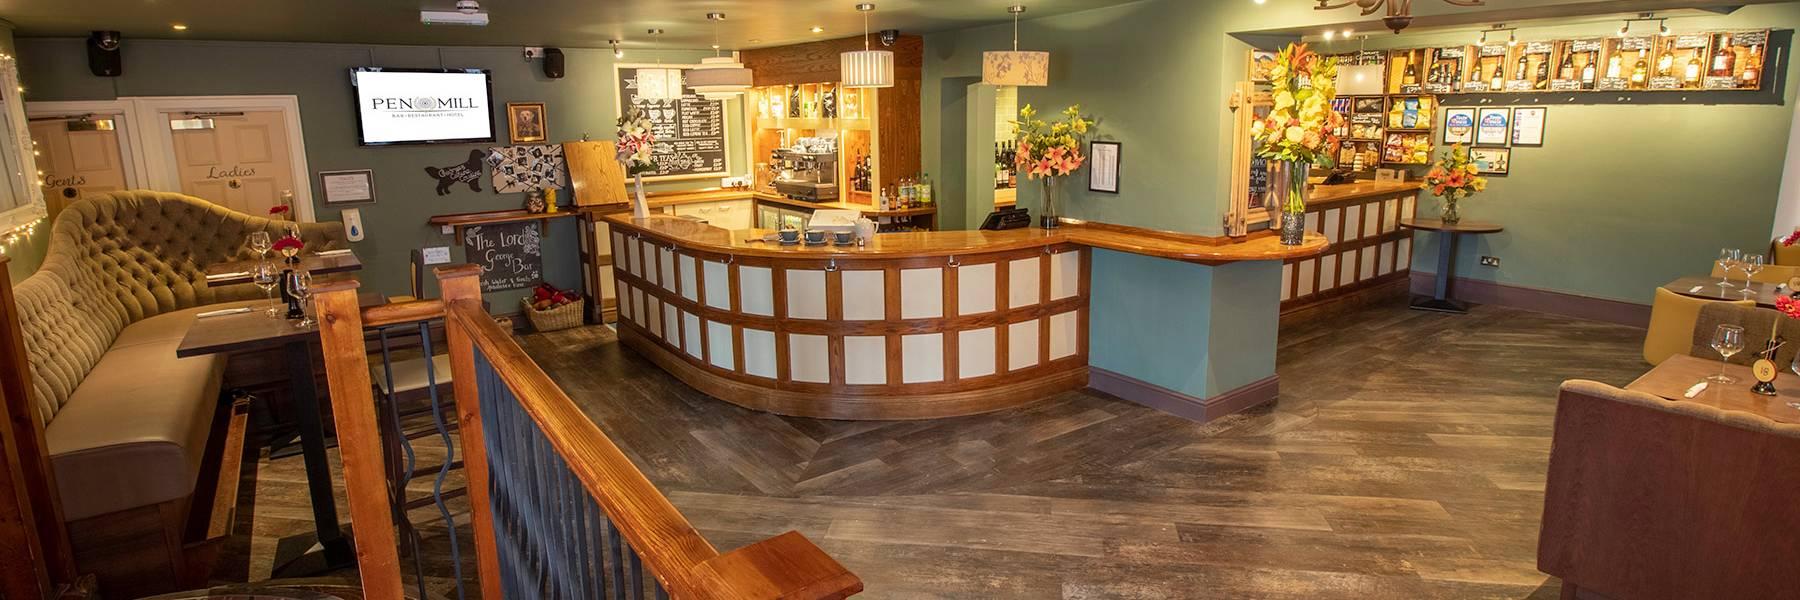 Pen mill pub bar room 4